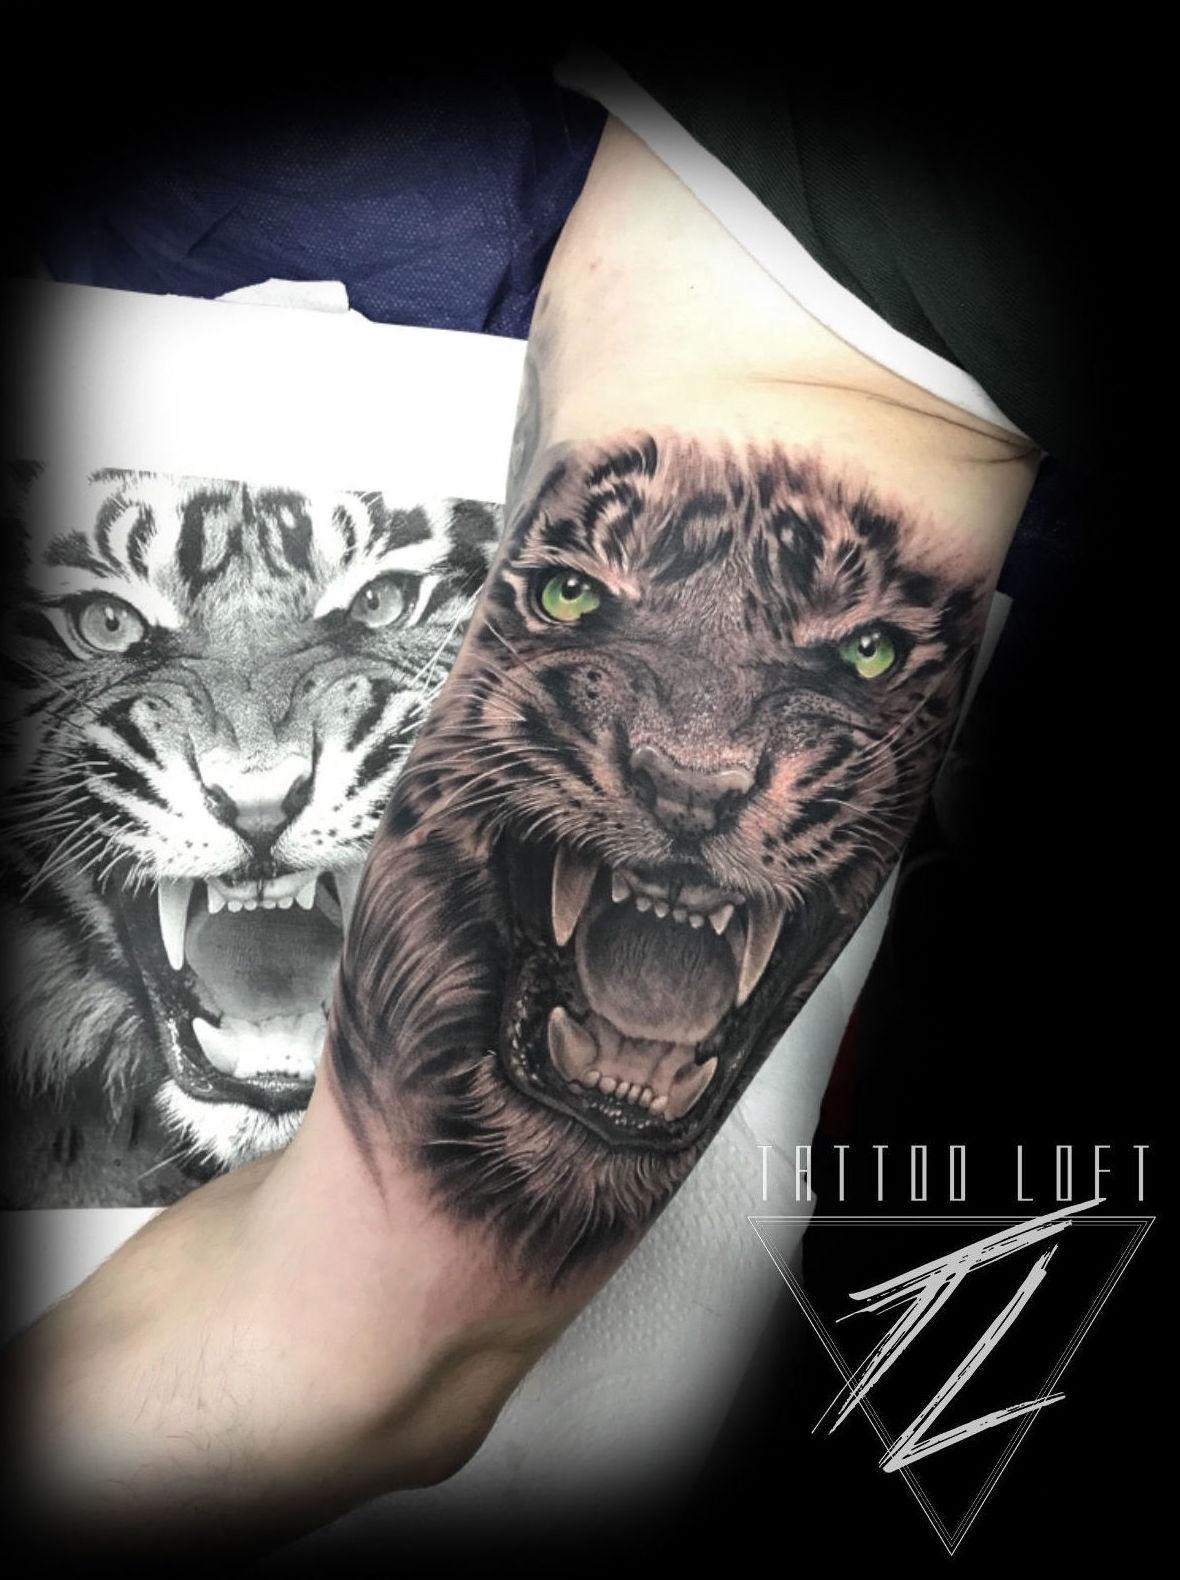 Tatuaje Realismo en Madrid